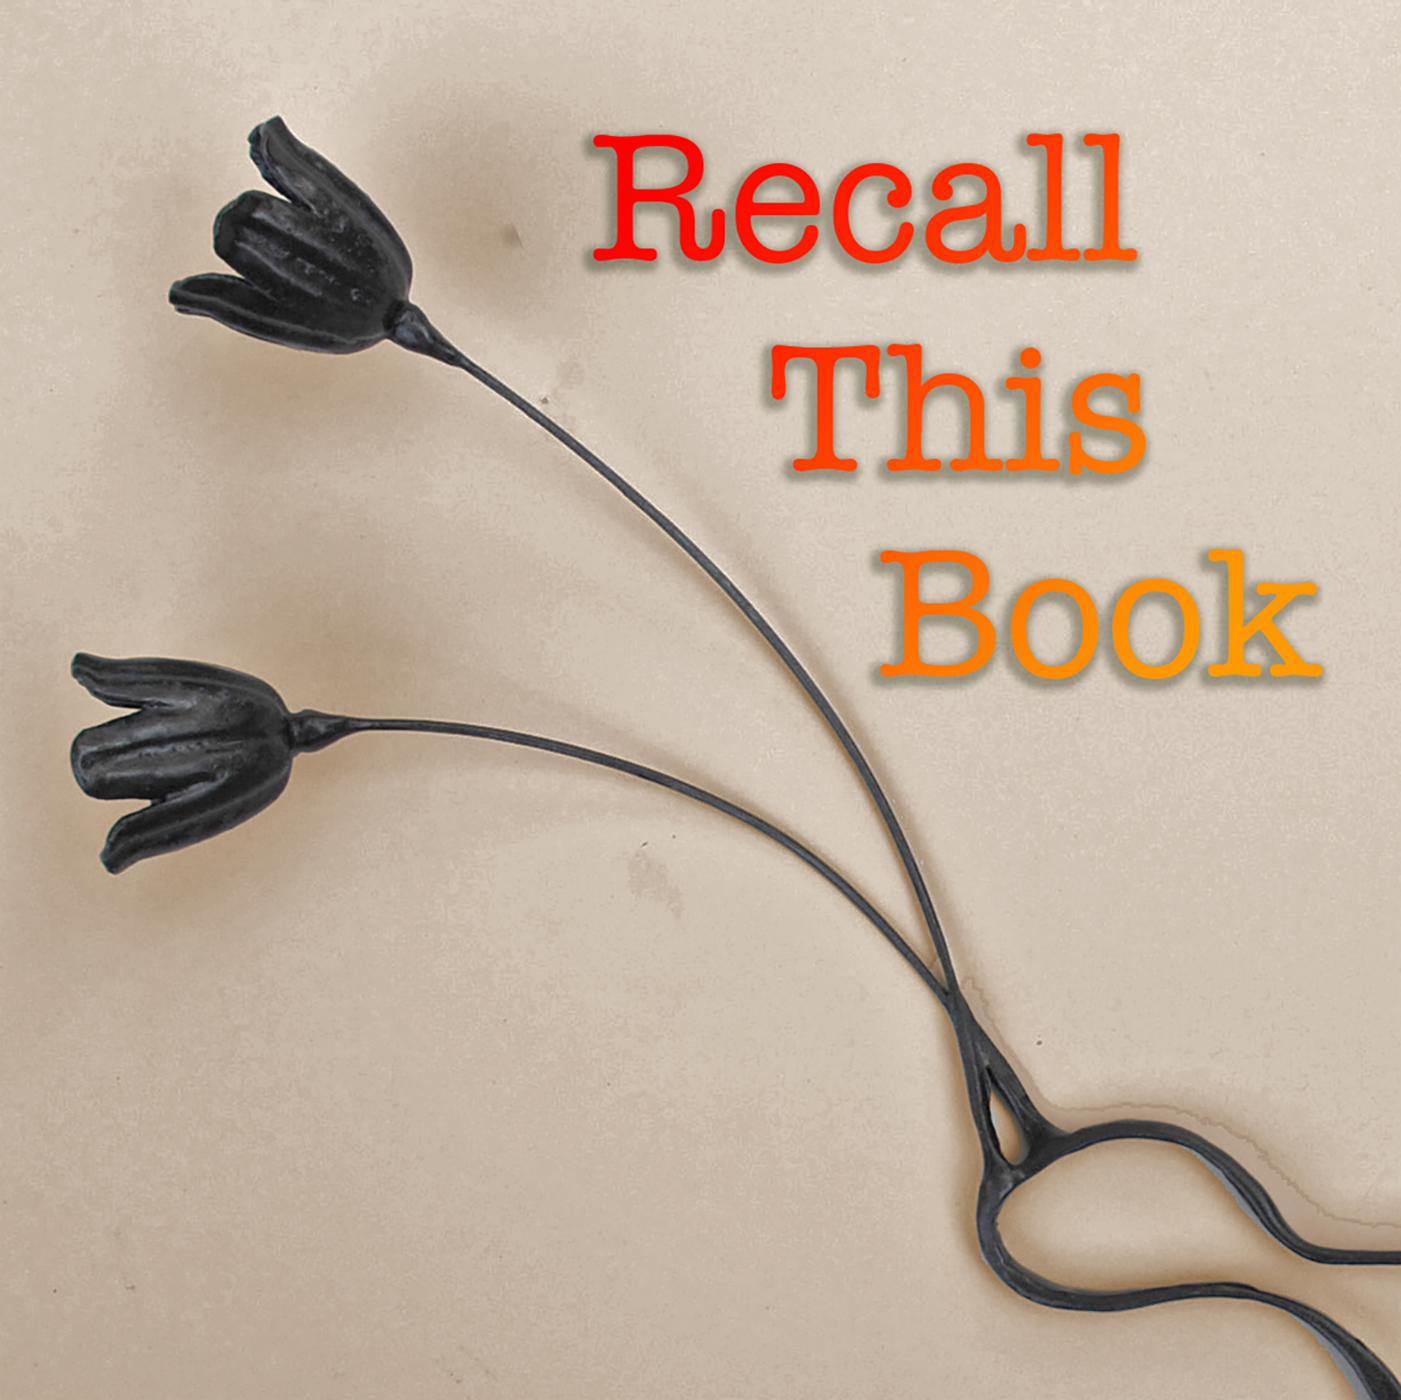 RecallThisBook